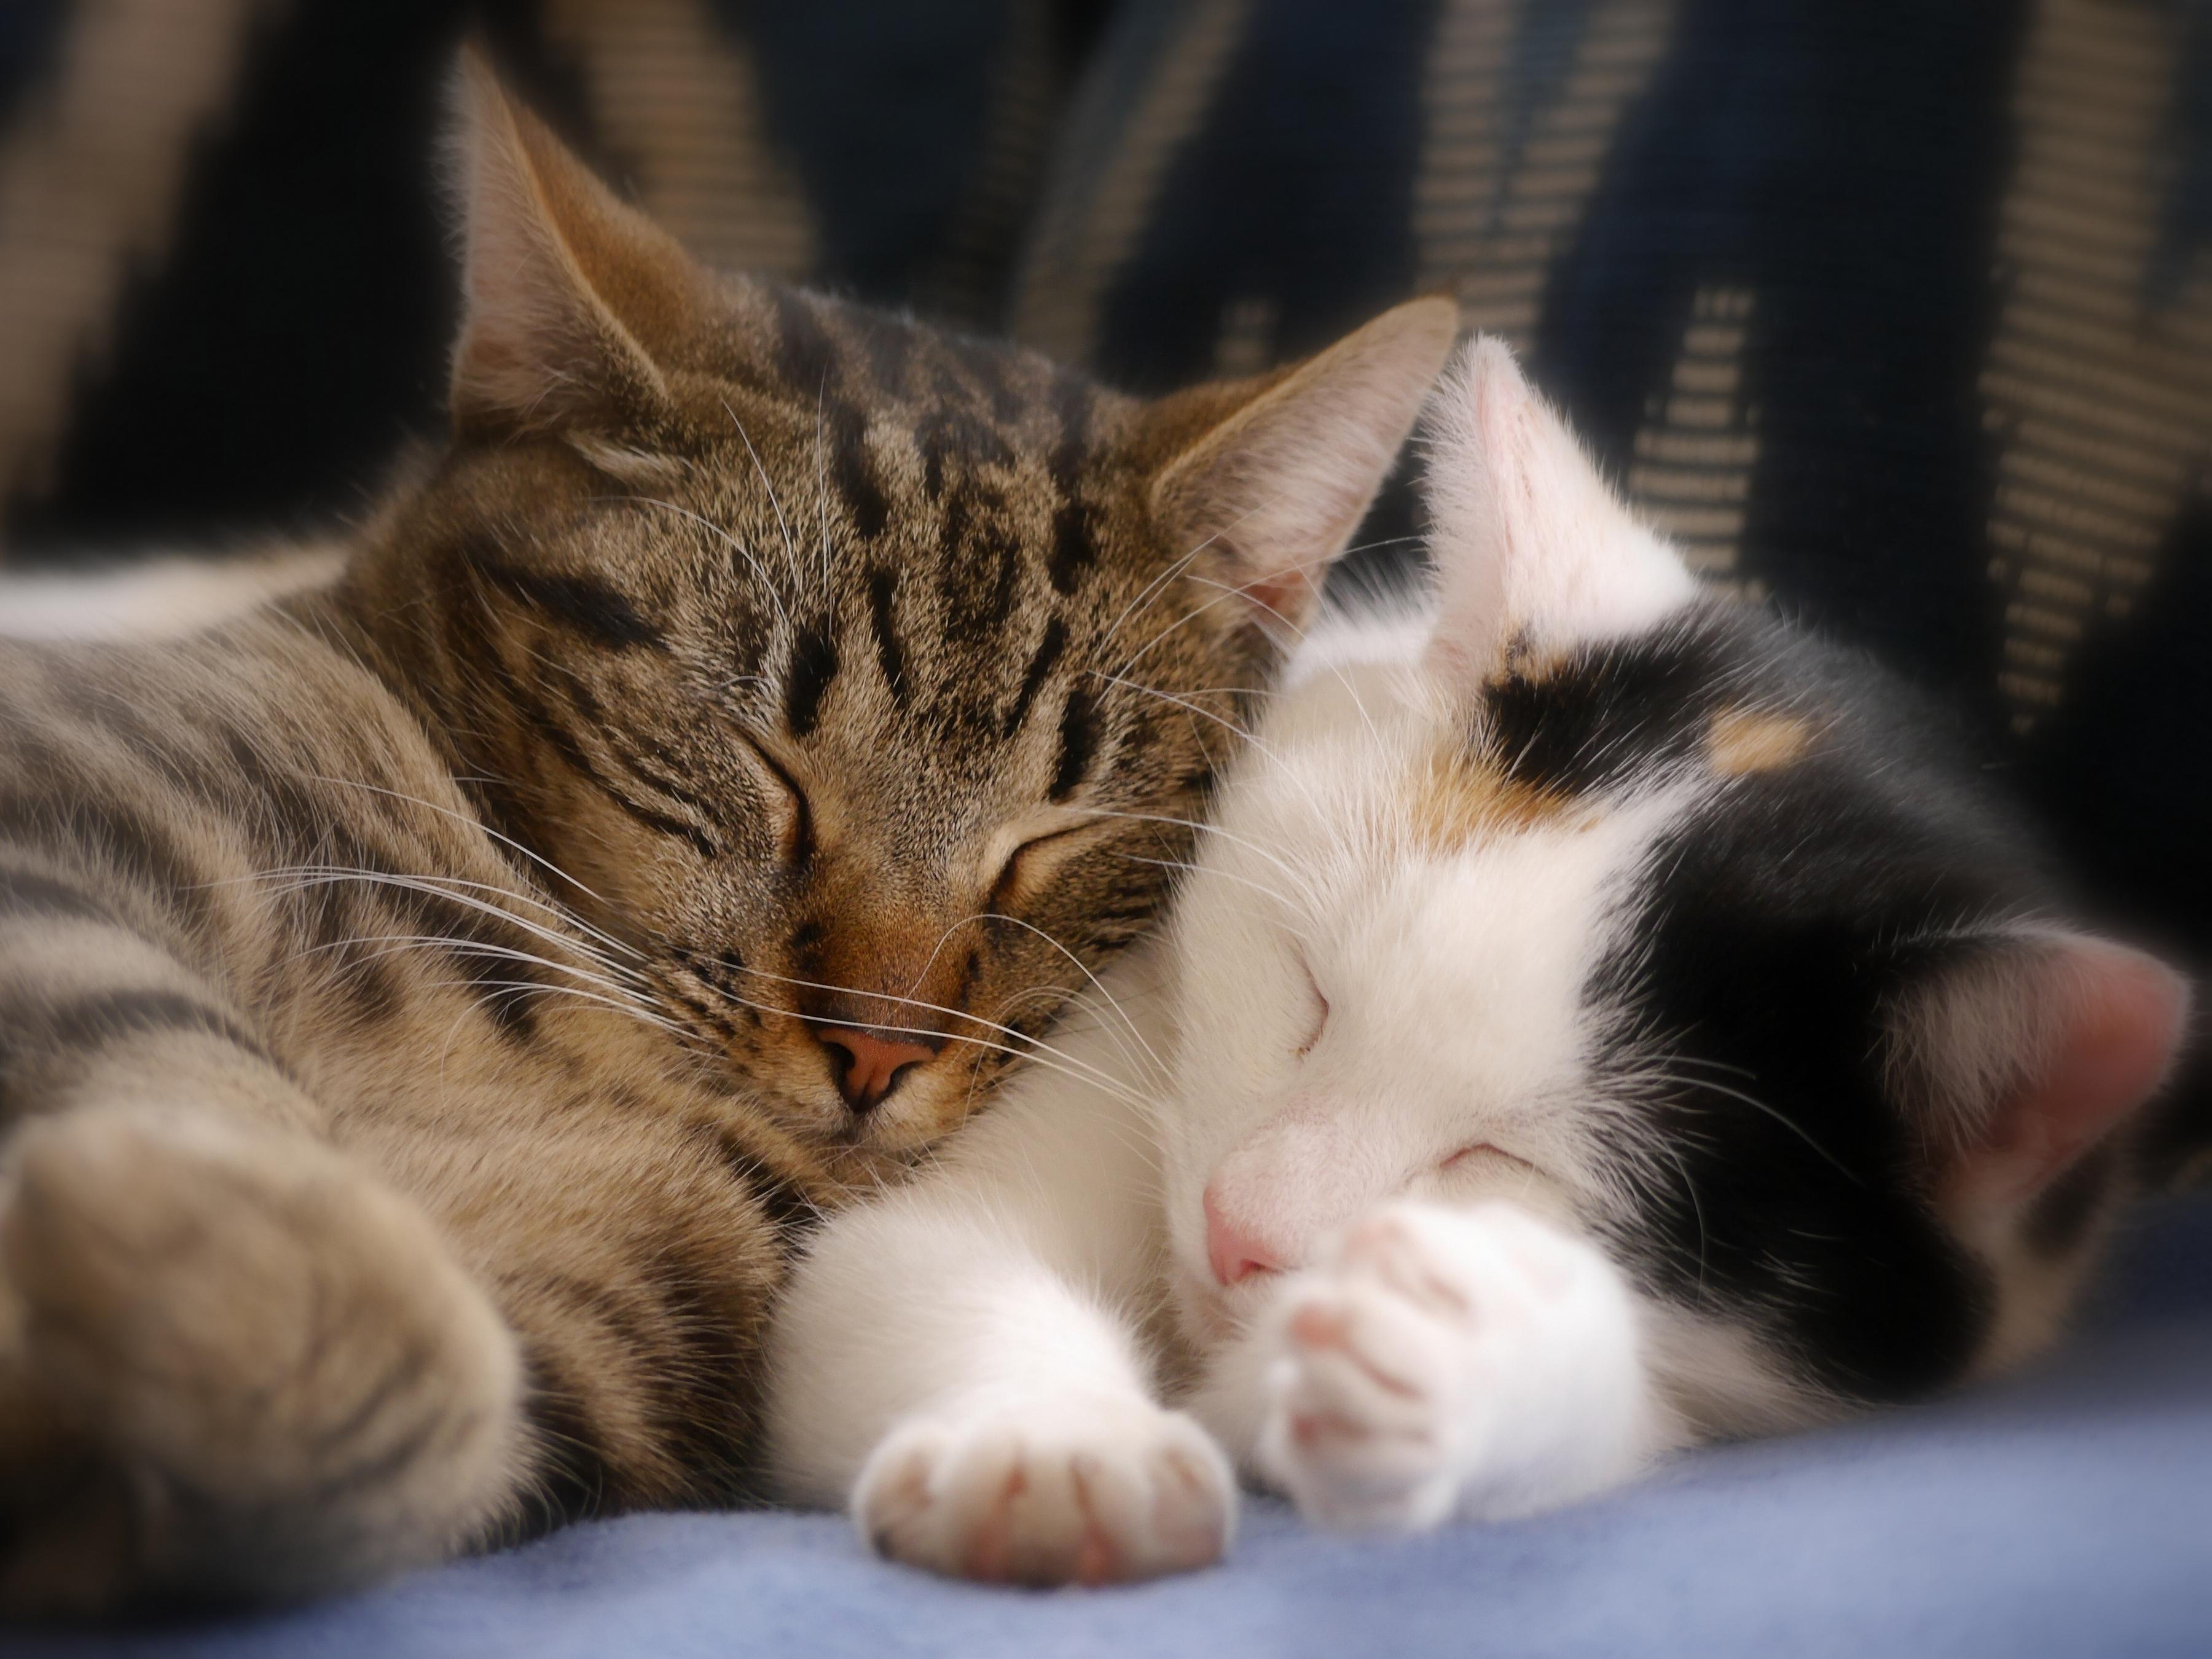 именно эти картинки спящие котята покупайте продавайте авто